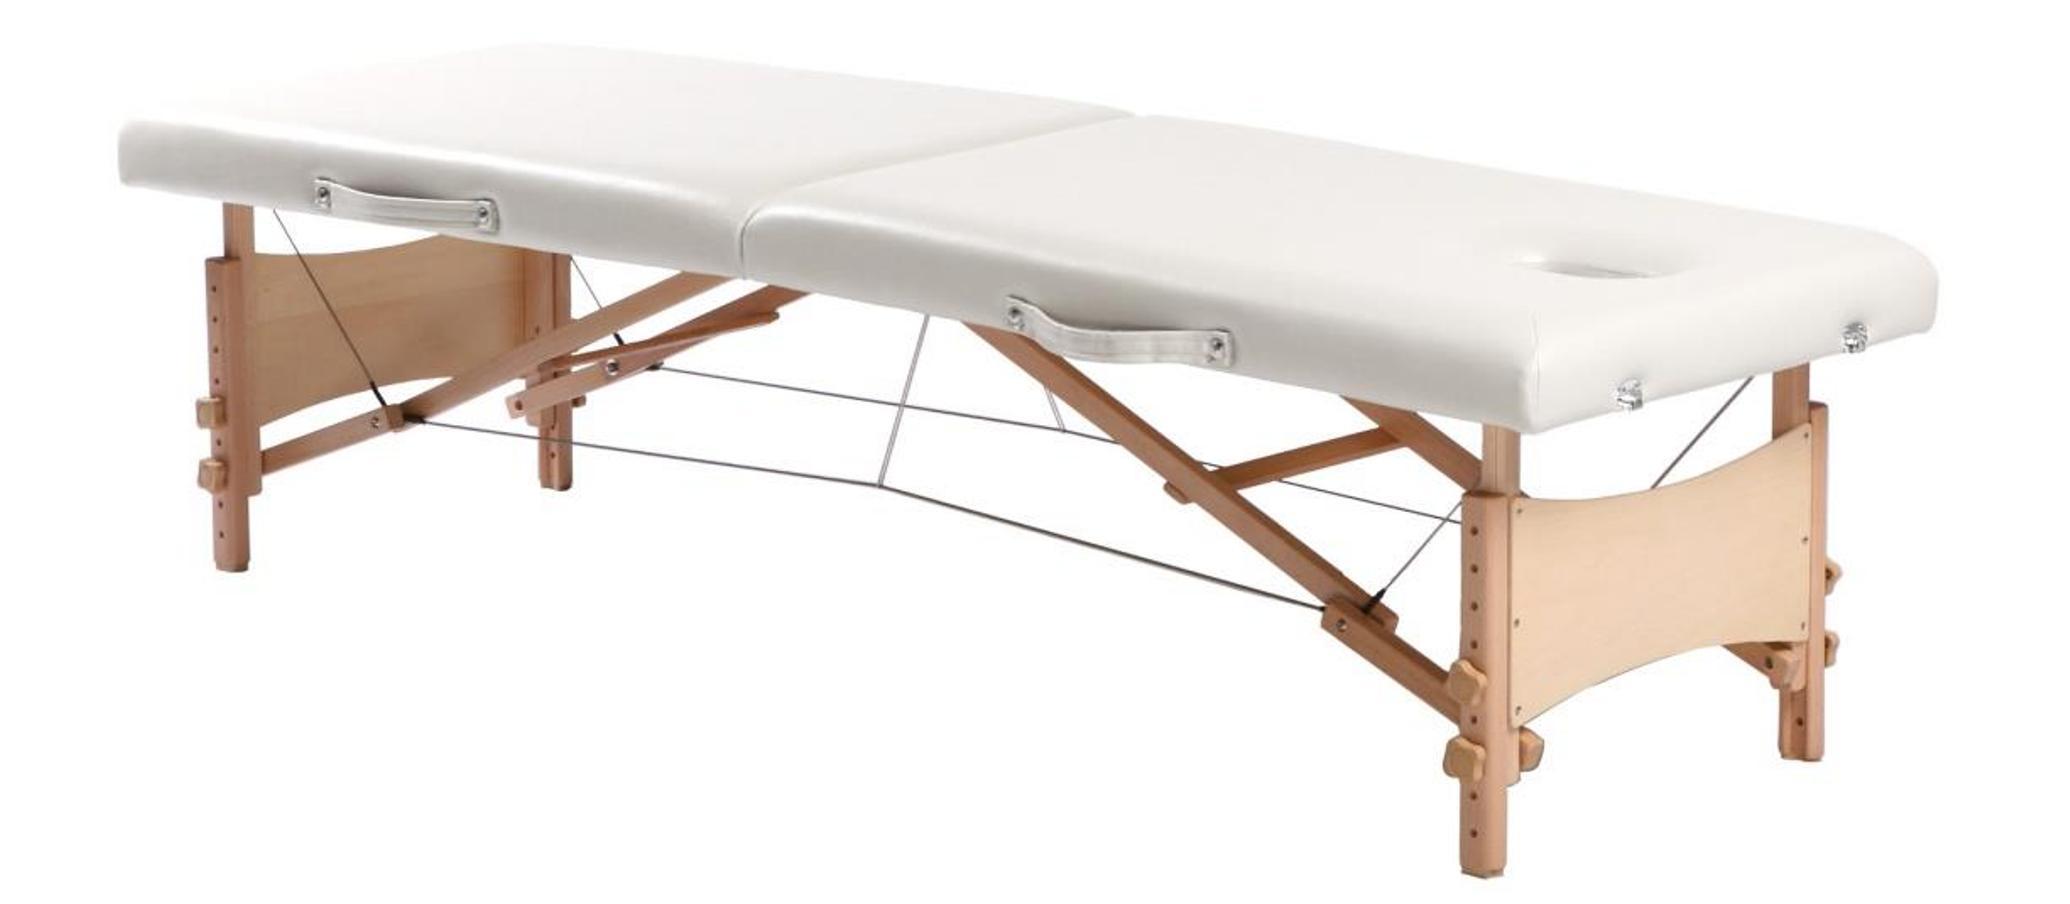 Table de massage pliante en bois haut de gamme lang mobilier esth tique professionnel tables - Table de massage haut de gamme ...